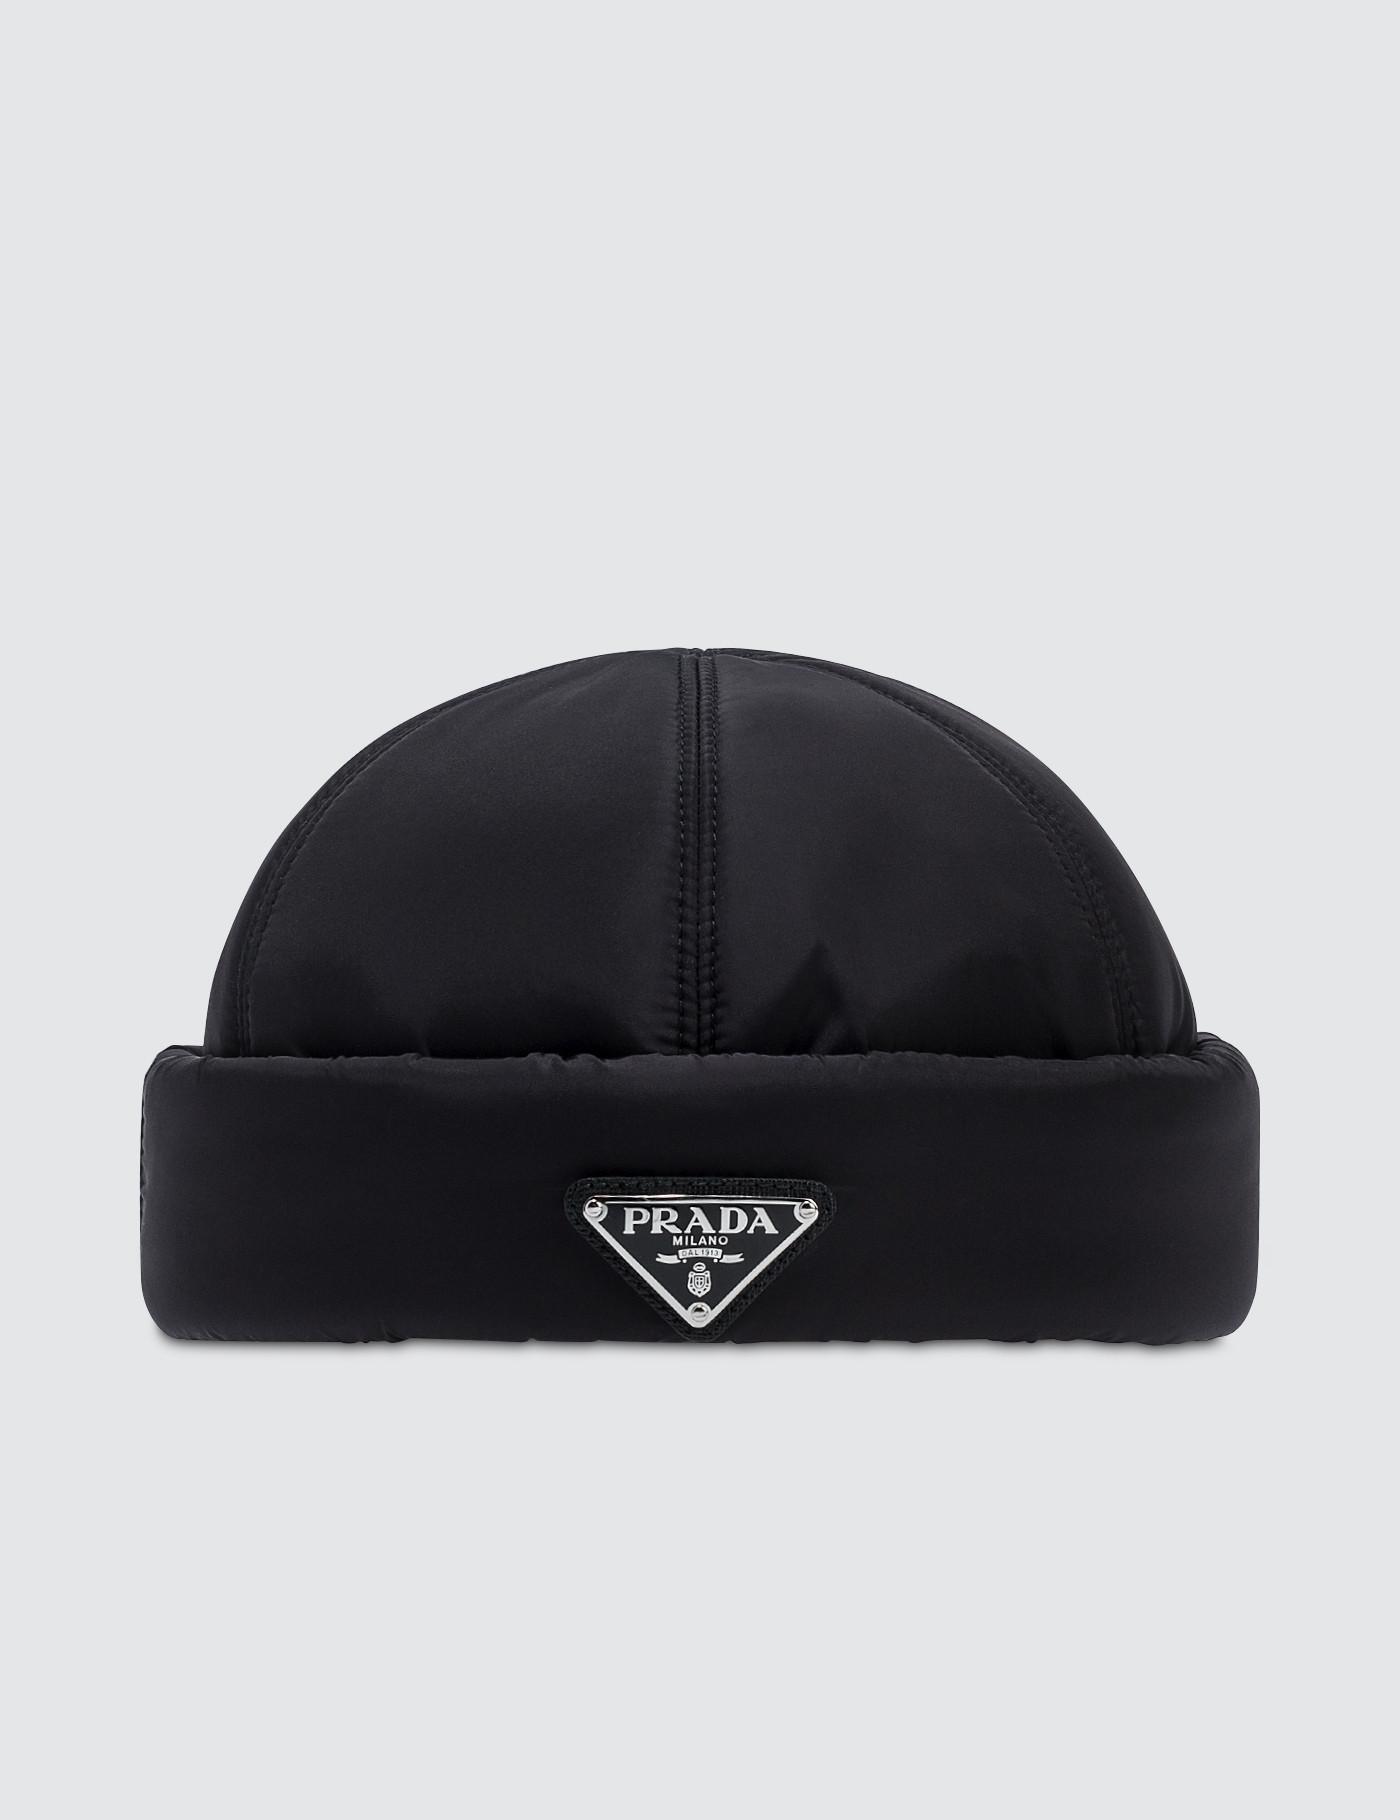 705dd6ad4d3 Prada - Black Padded Nylon Beanie Hat for Men - Lyst. View fullscreen